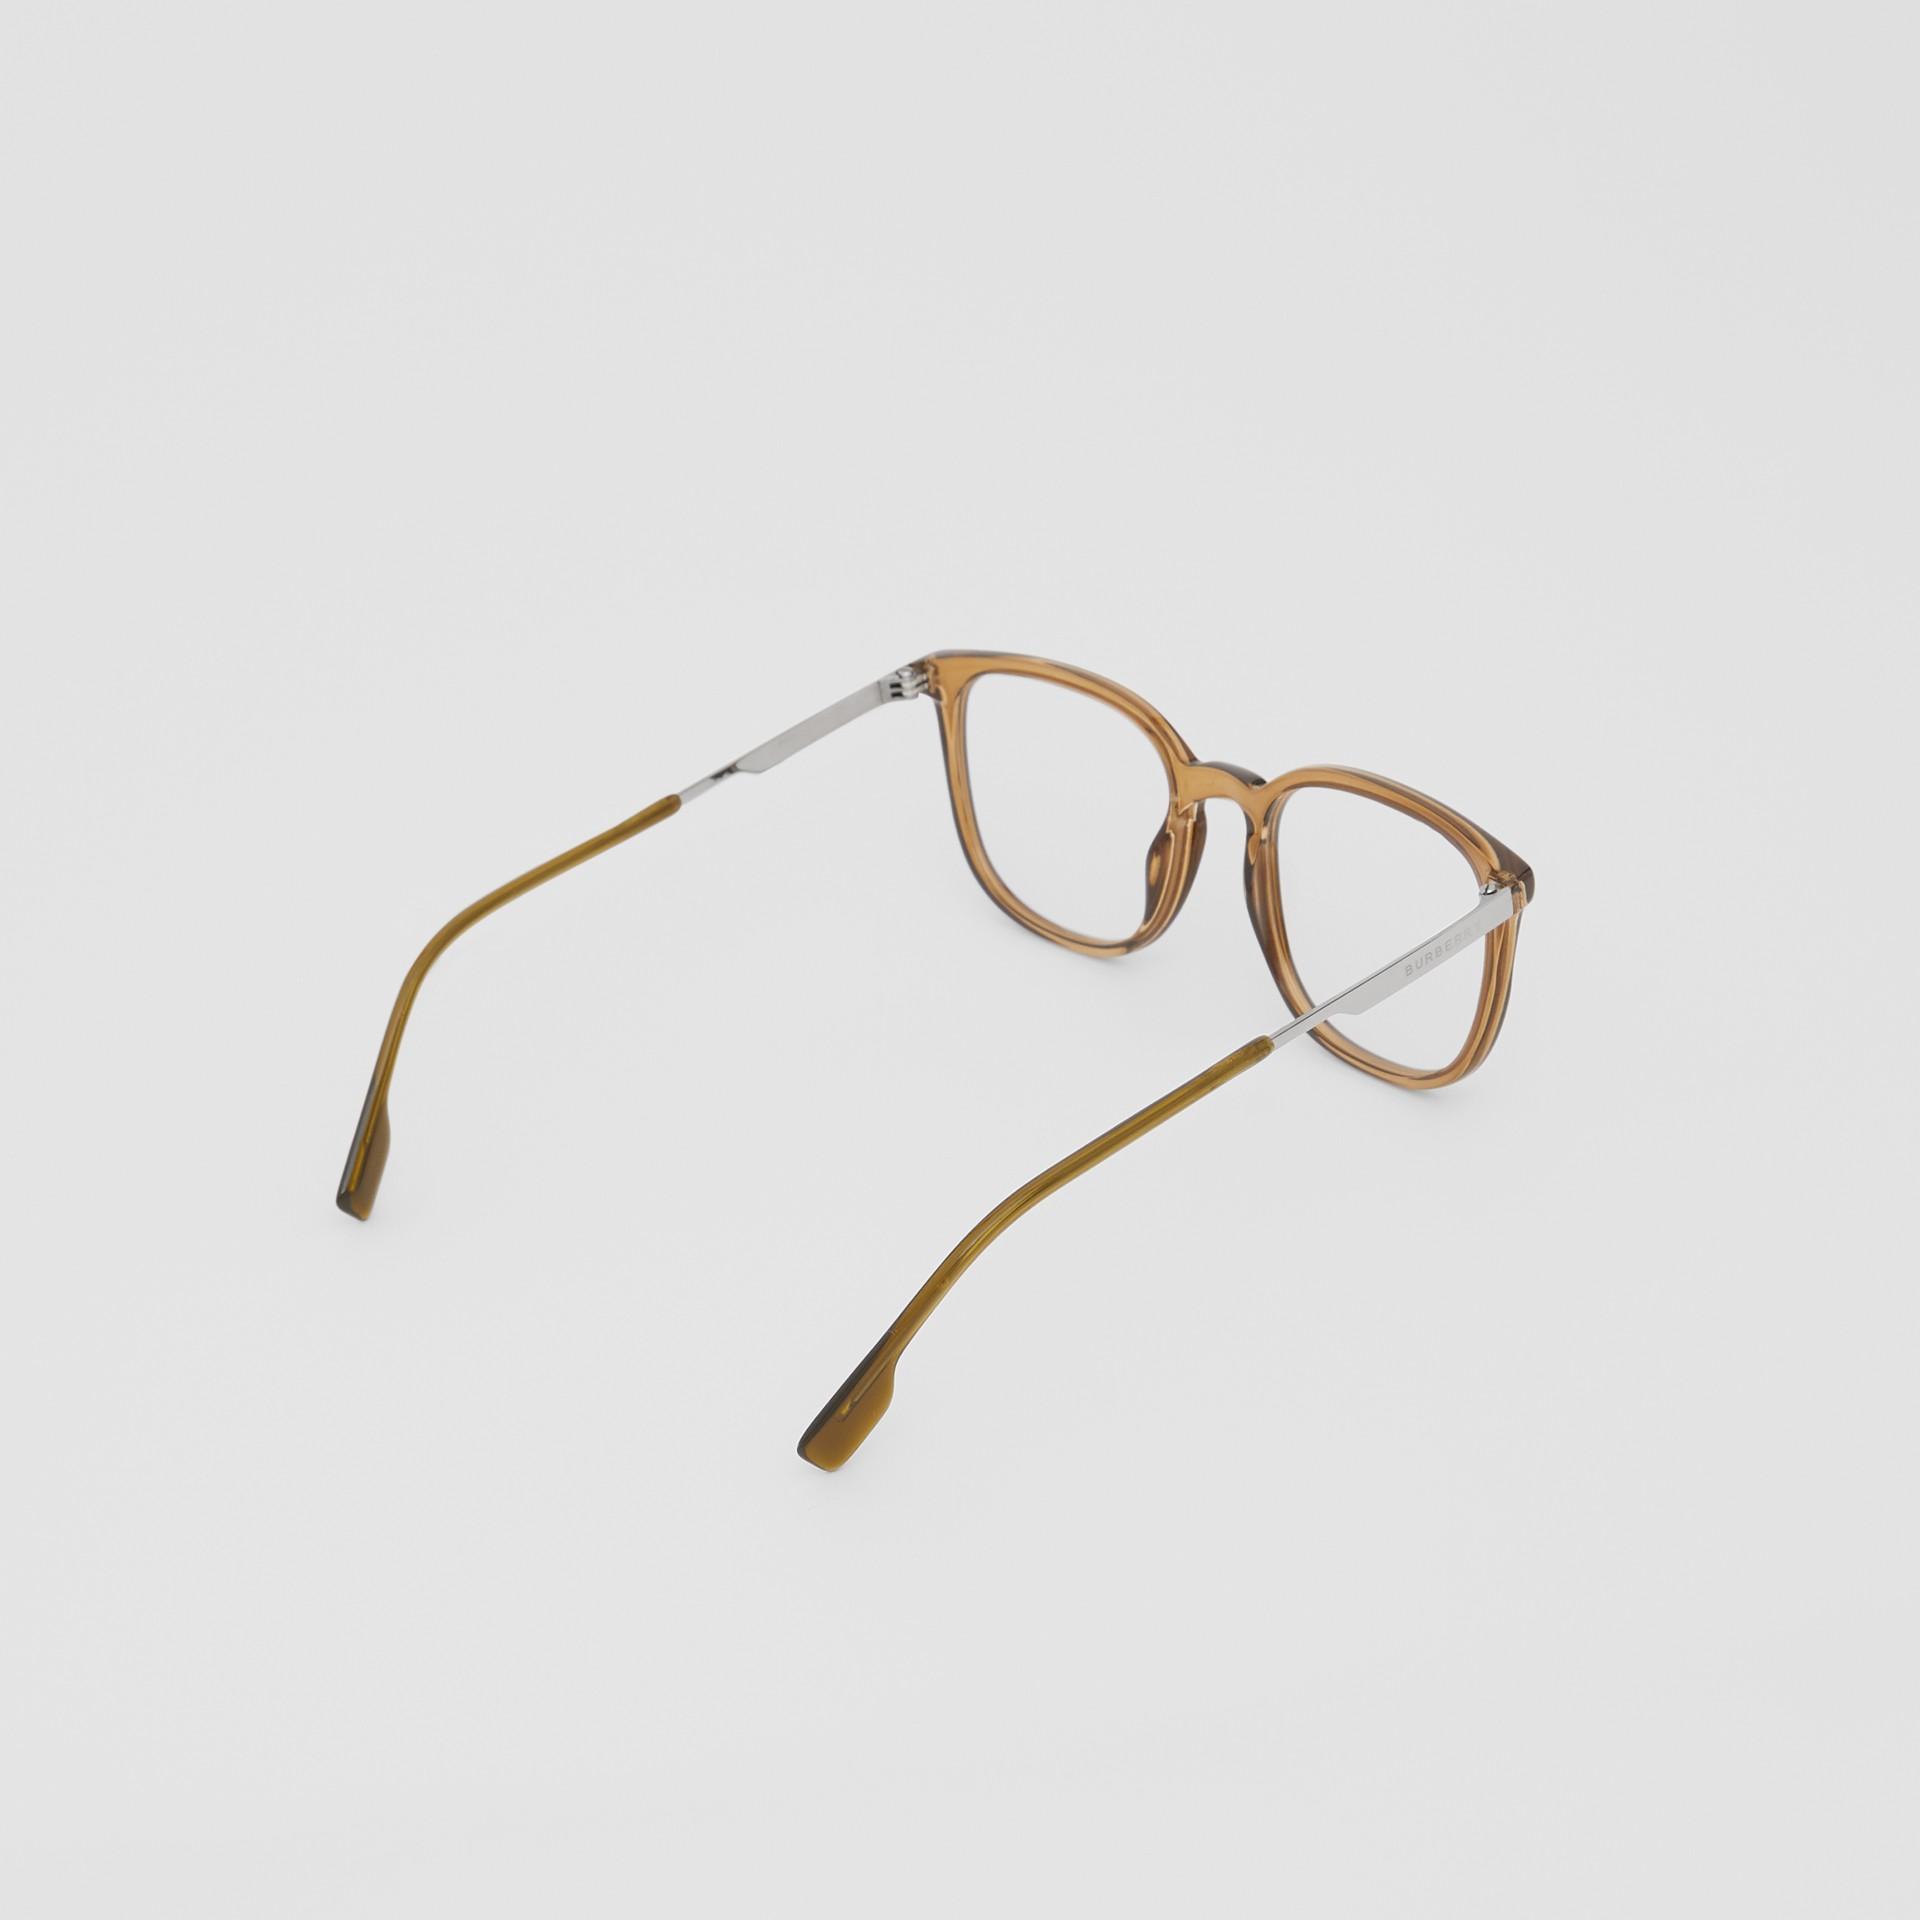 Brille mit eckigem Gestell (Olivfarben) | Burberry - Galerie-Bild 4